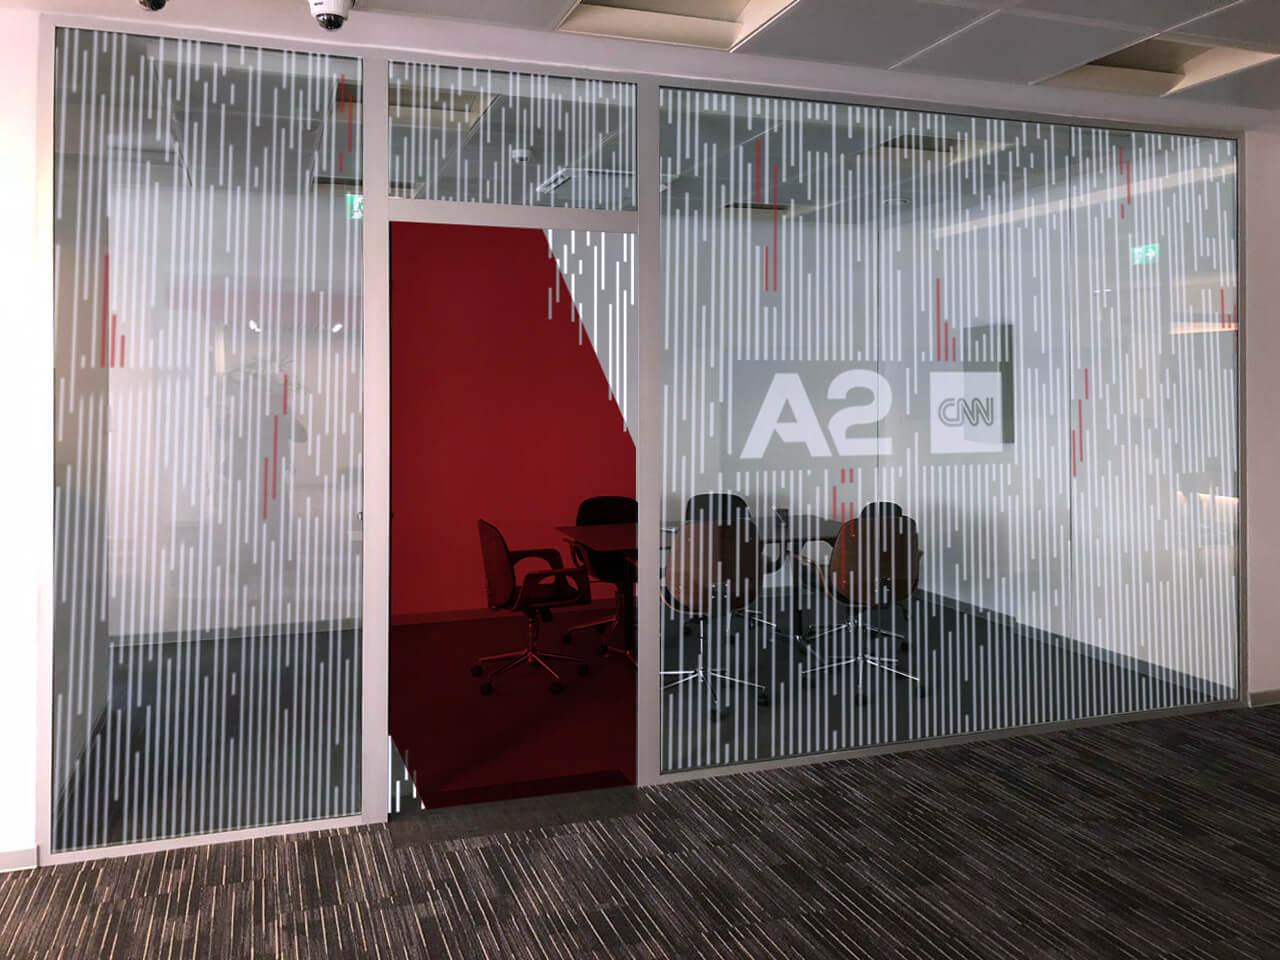 CNN A2 News Meeting Room Branding